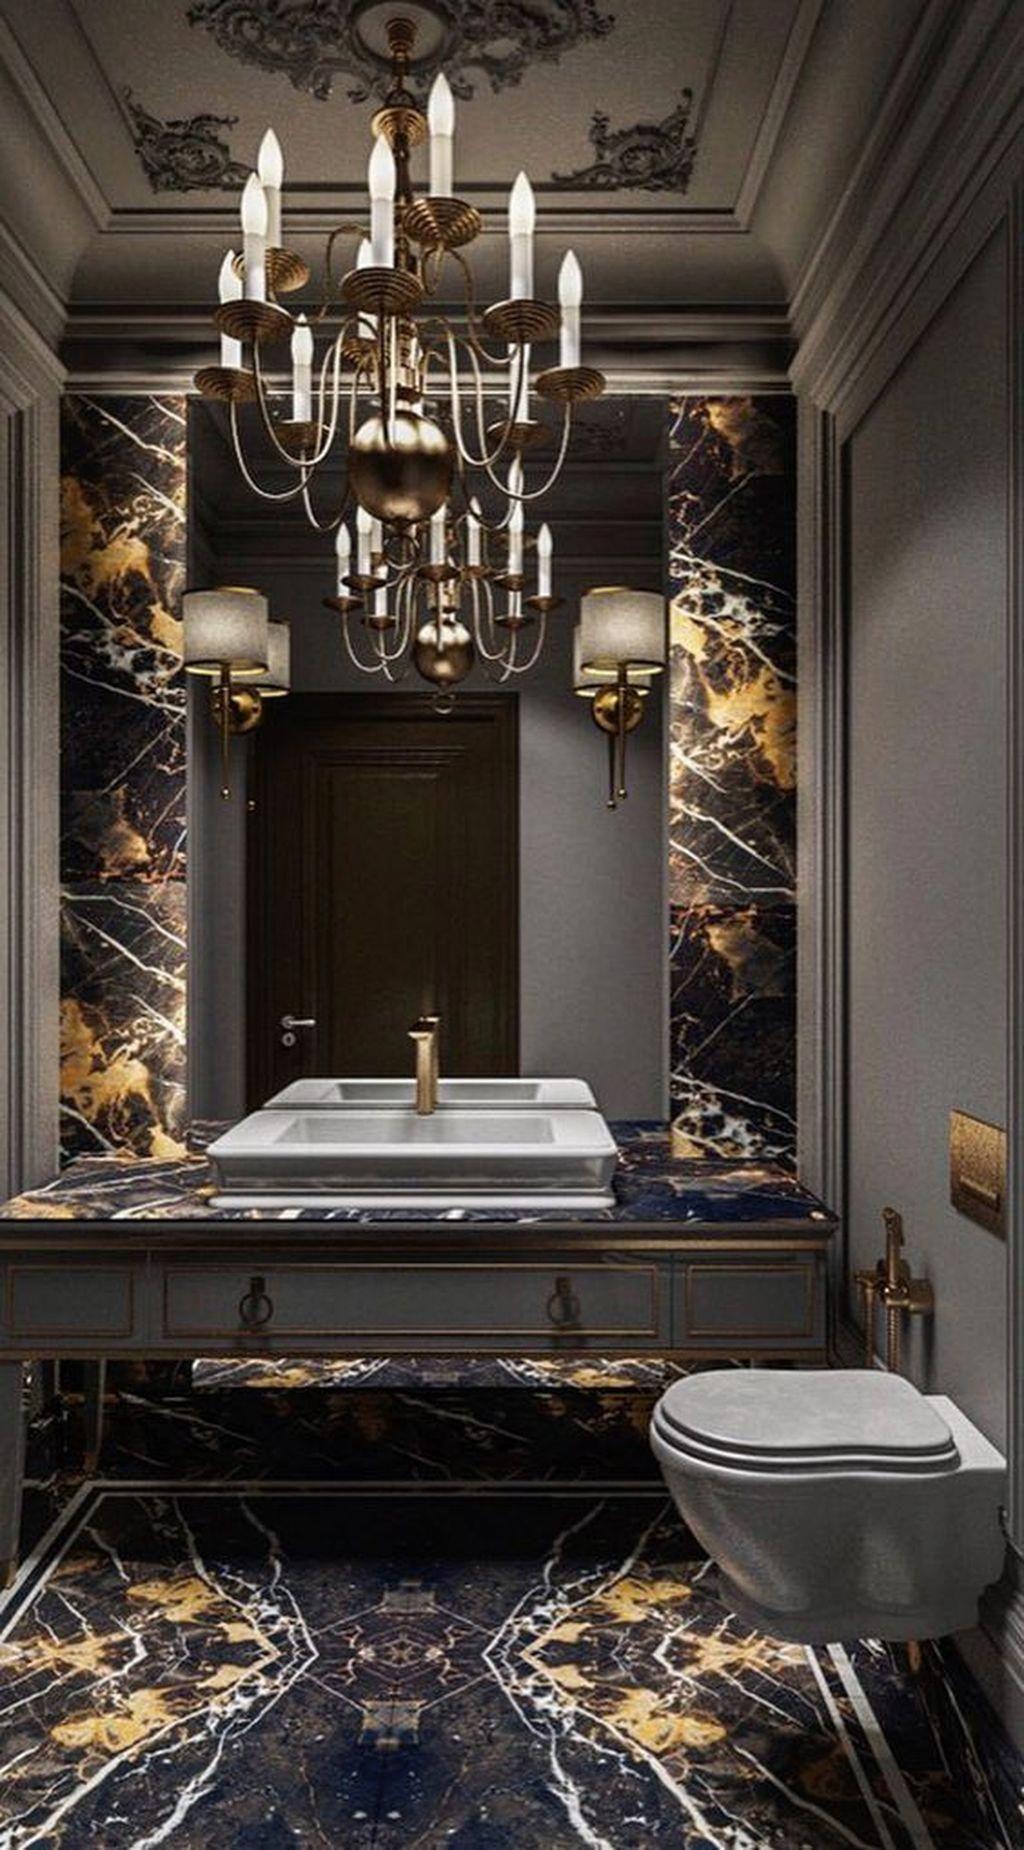 48 Stunning Black Marble Bathroom Design Ideas